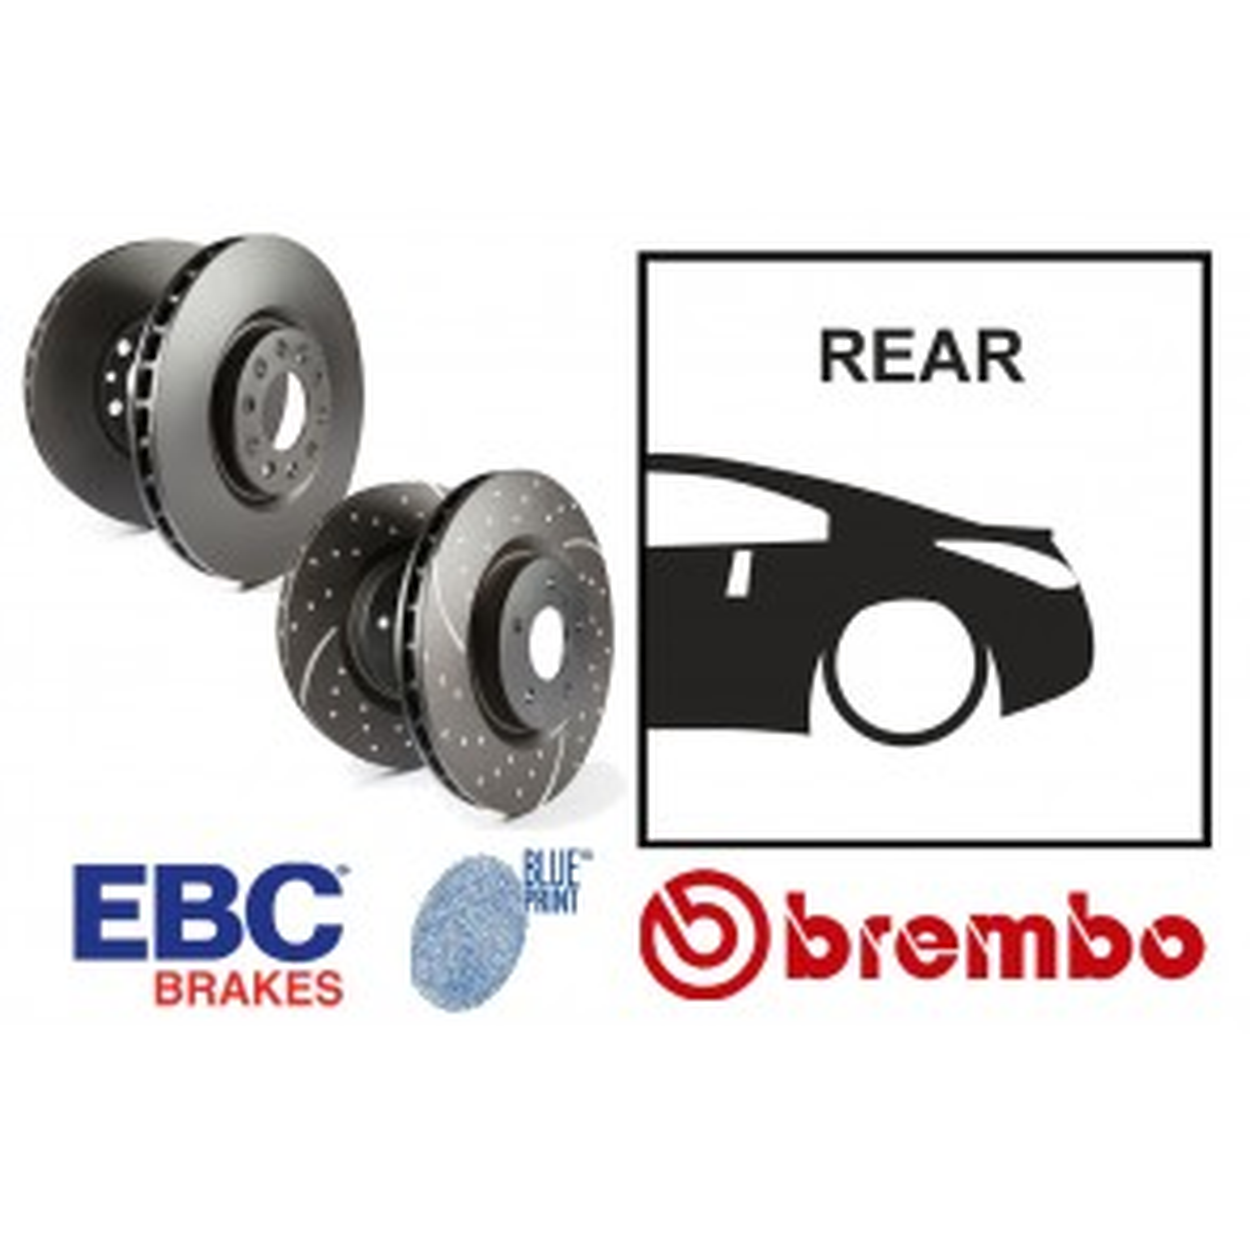 OE Replacement & EBC GD Series Rear Brake Discs - Nissan 350Z Z33